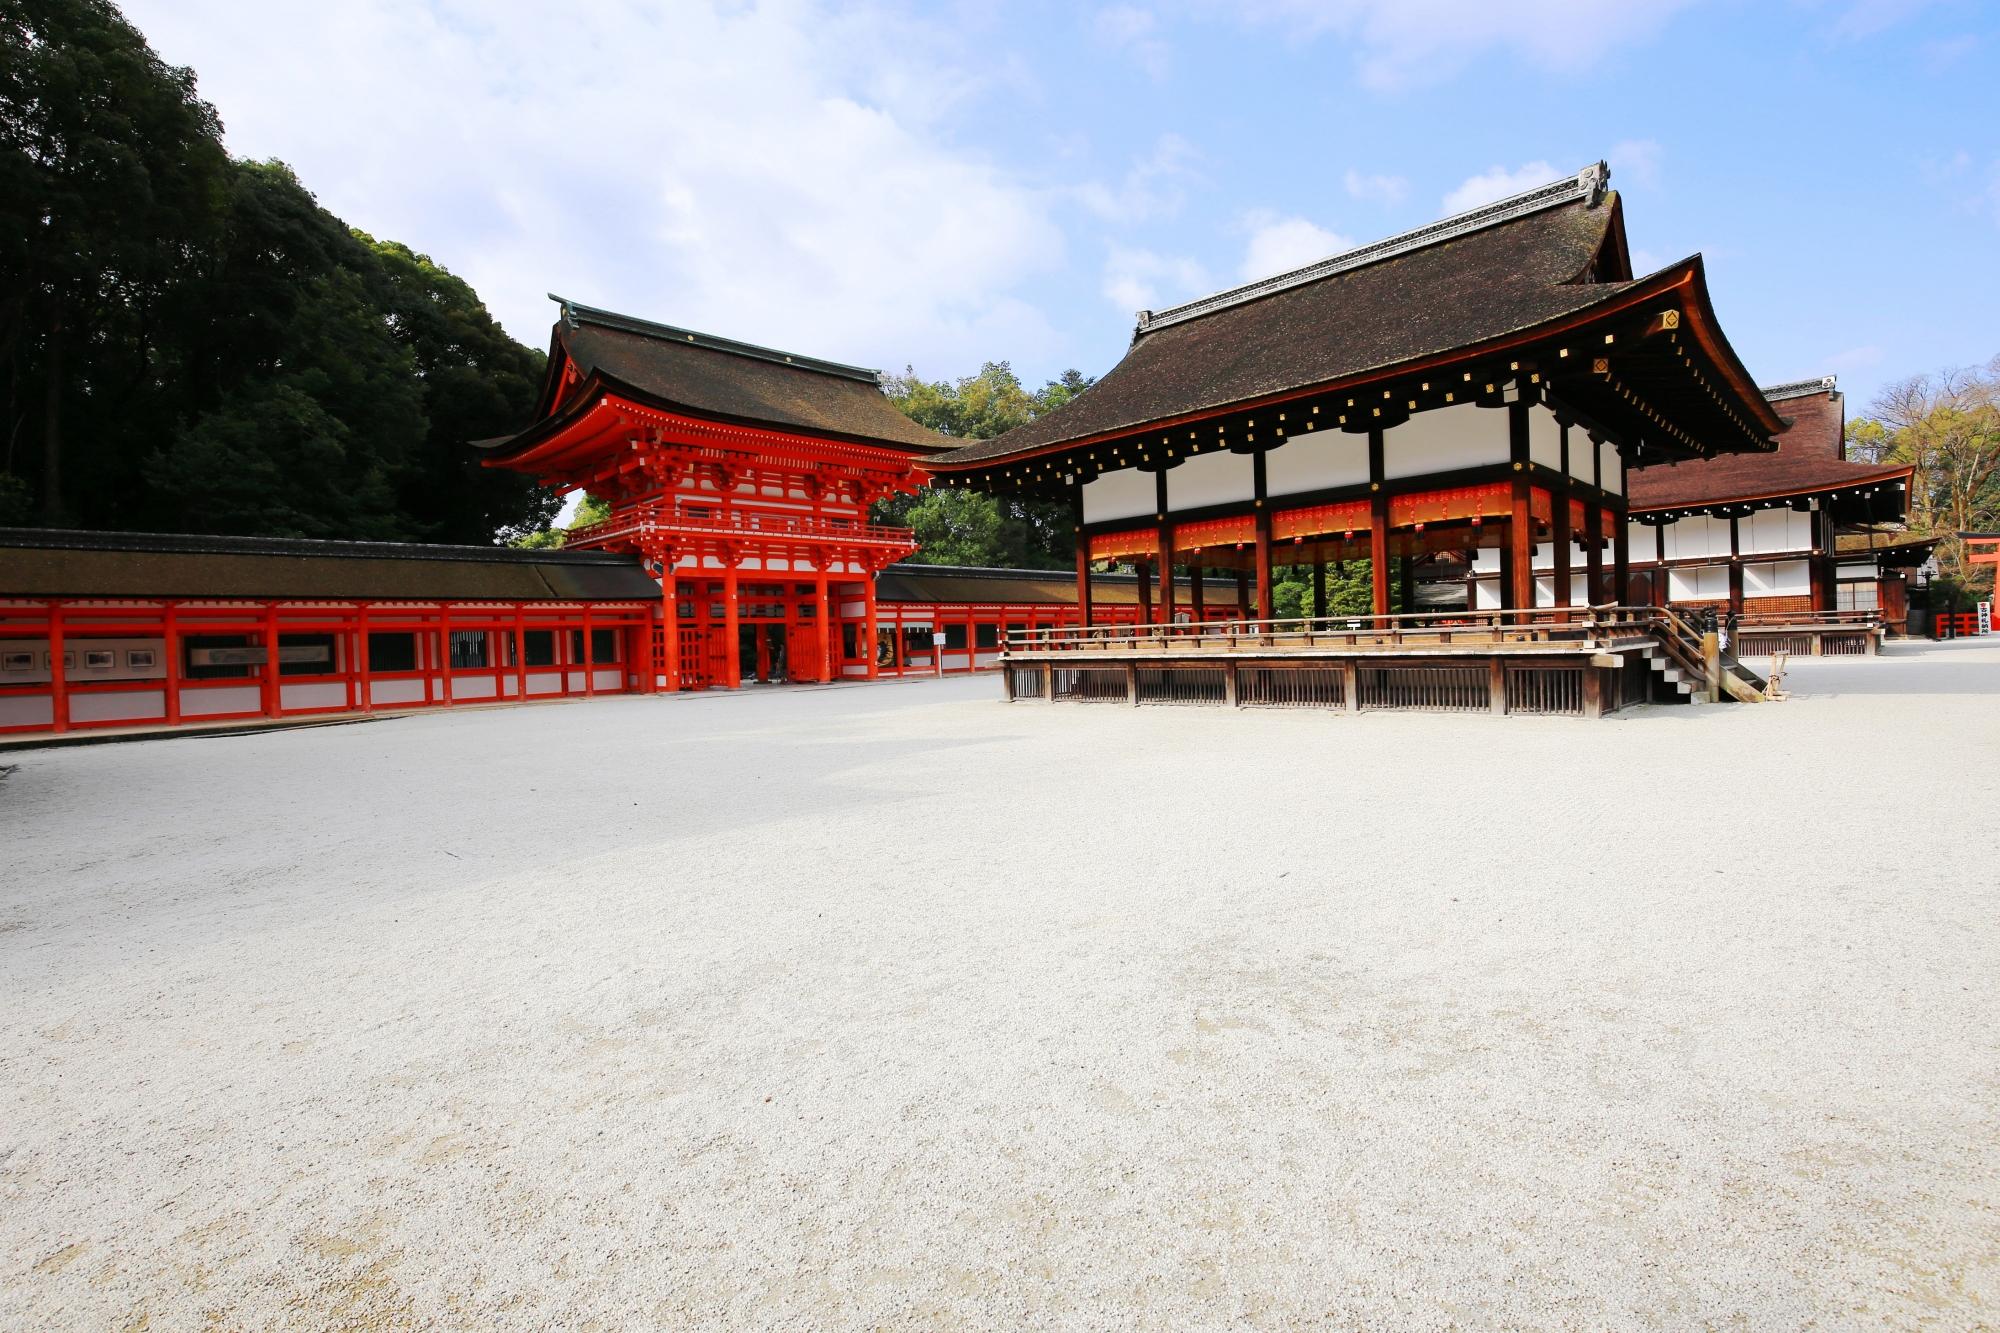 下鴨神社の舞殿(まいどの)と楼門